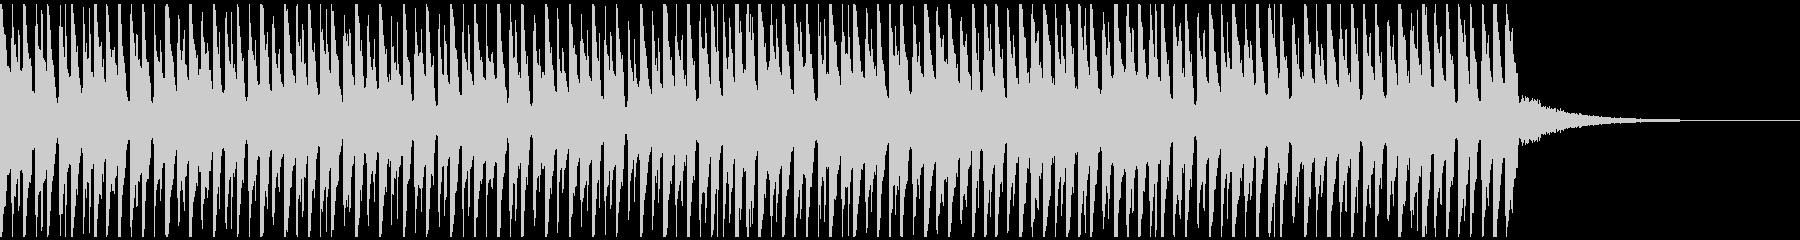 ハッピーアンドサニー(ショート)の未再生の波形